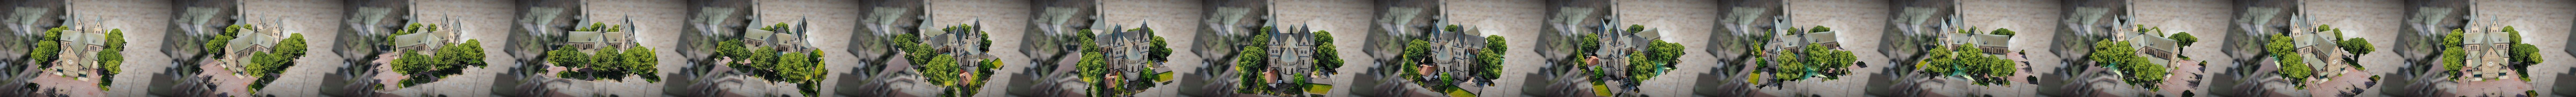 Katholische Kirchengemeinde St Marien Schwerte